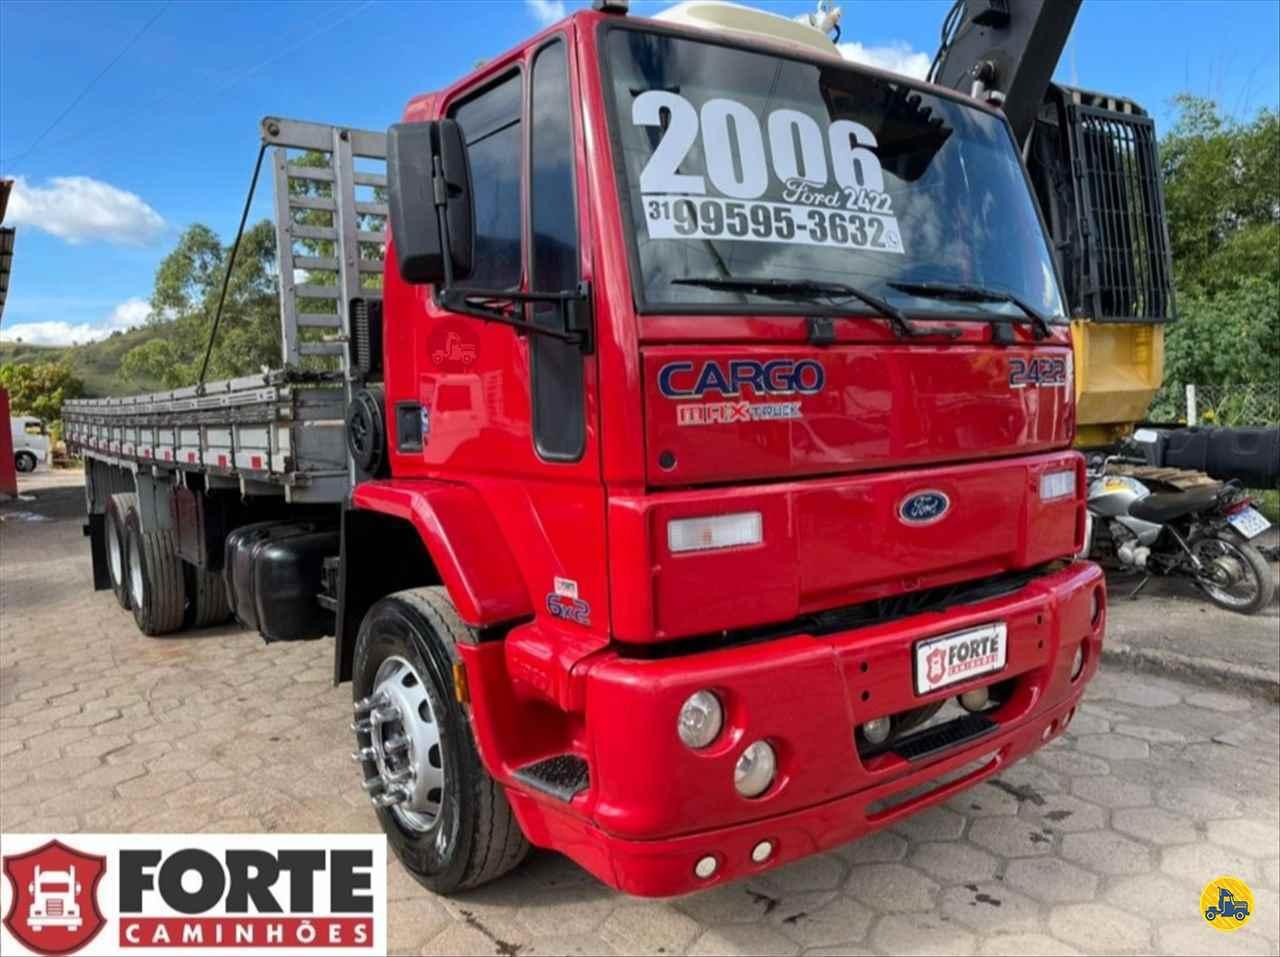 CAMINHAO FORD CARGO 2422 Carga Seca Truck 6x2 Forte Caminhões MG JOAO MONLEVADE MINAS GERAIS MG